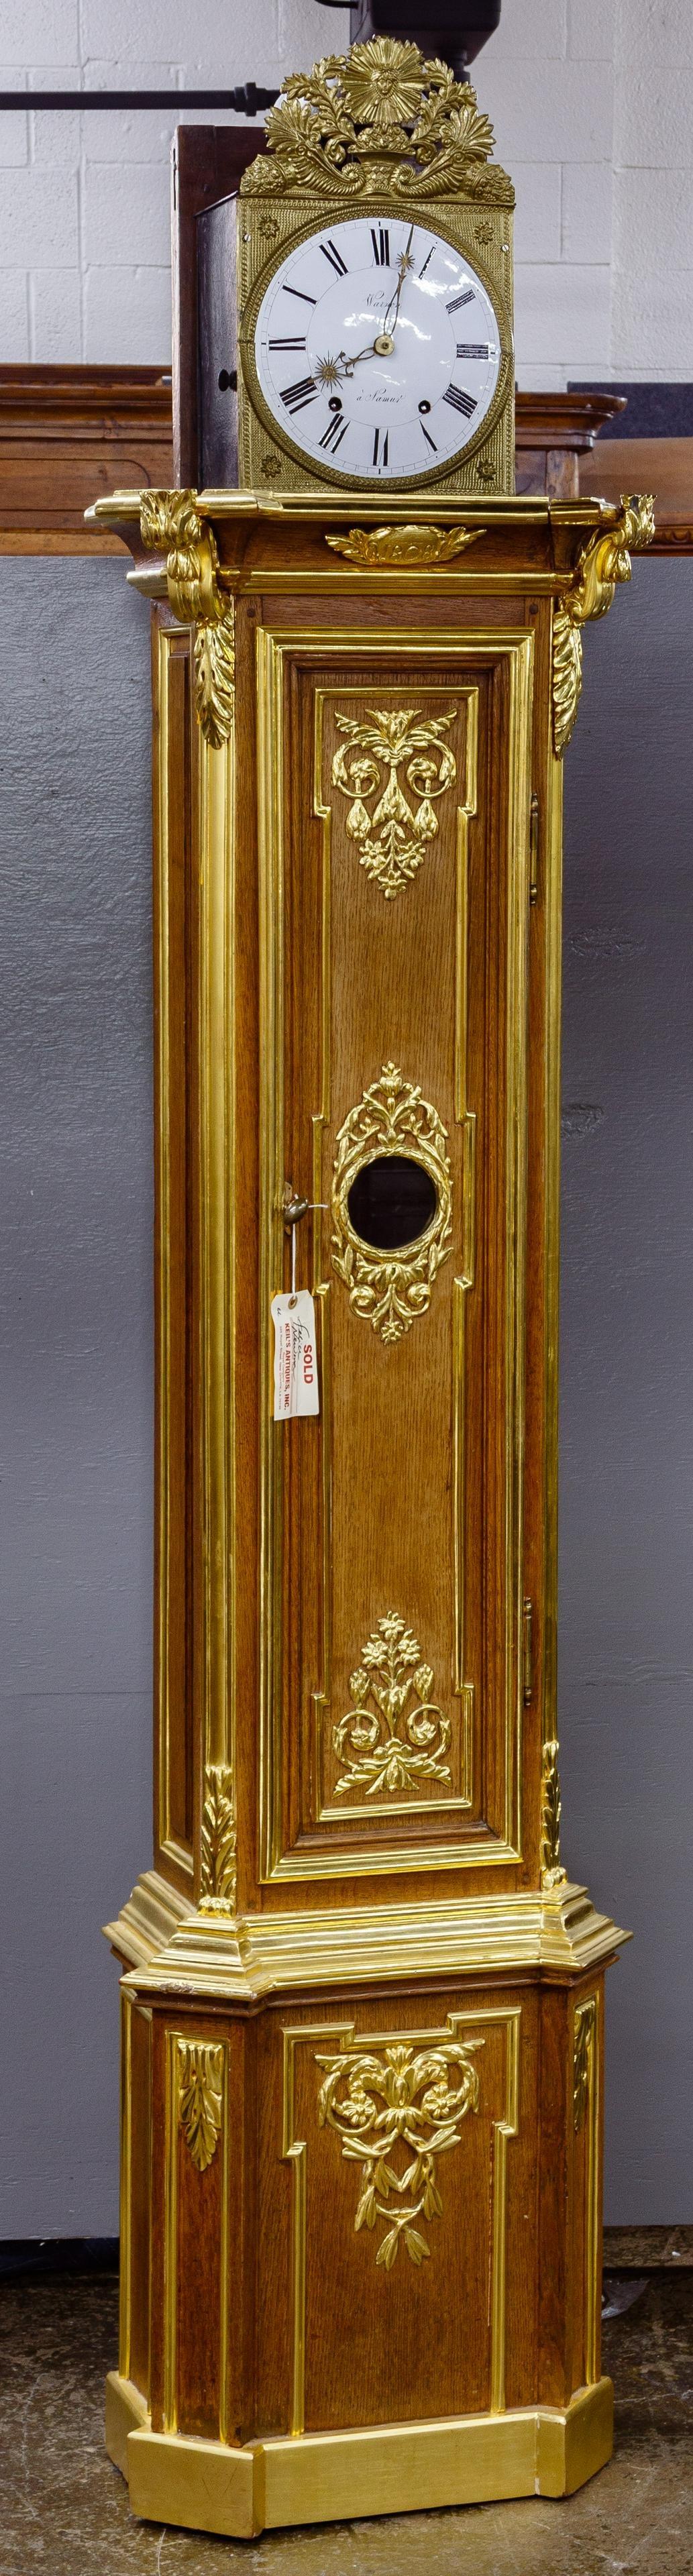 Warnon Tall Case Grandfather Clock